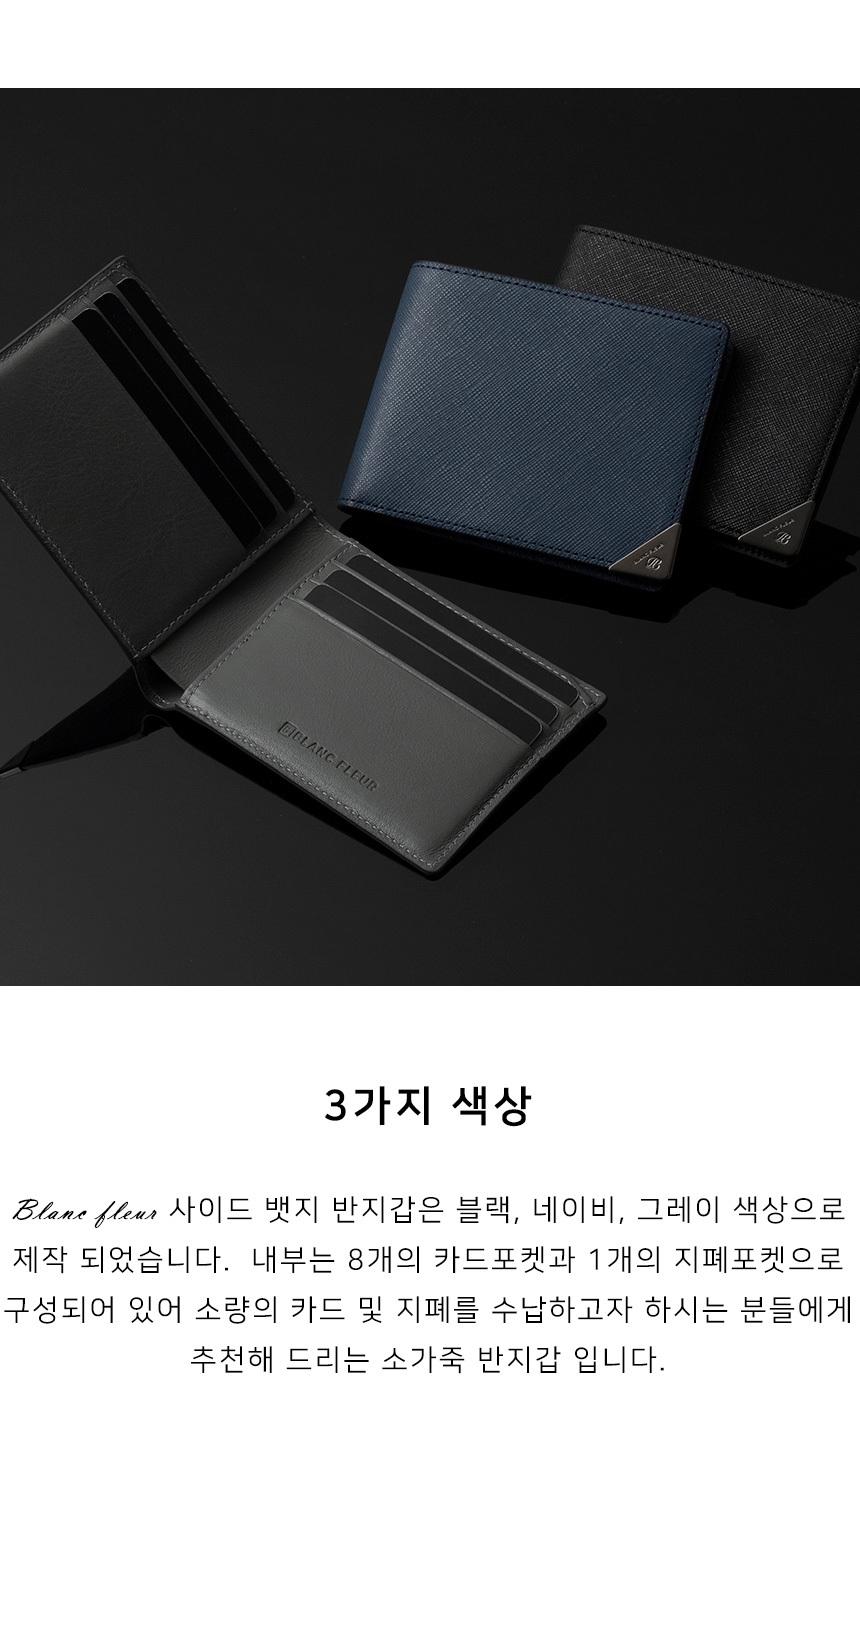 소가죽 사이드 뱃지 슬림 반지갑 - 바울상사, 38,870원, 남성지갑, 반지갑